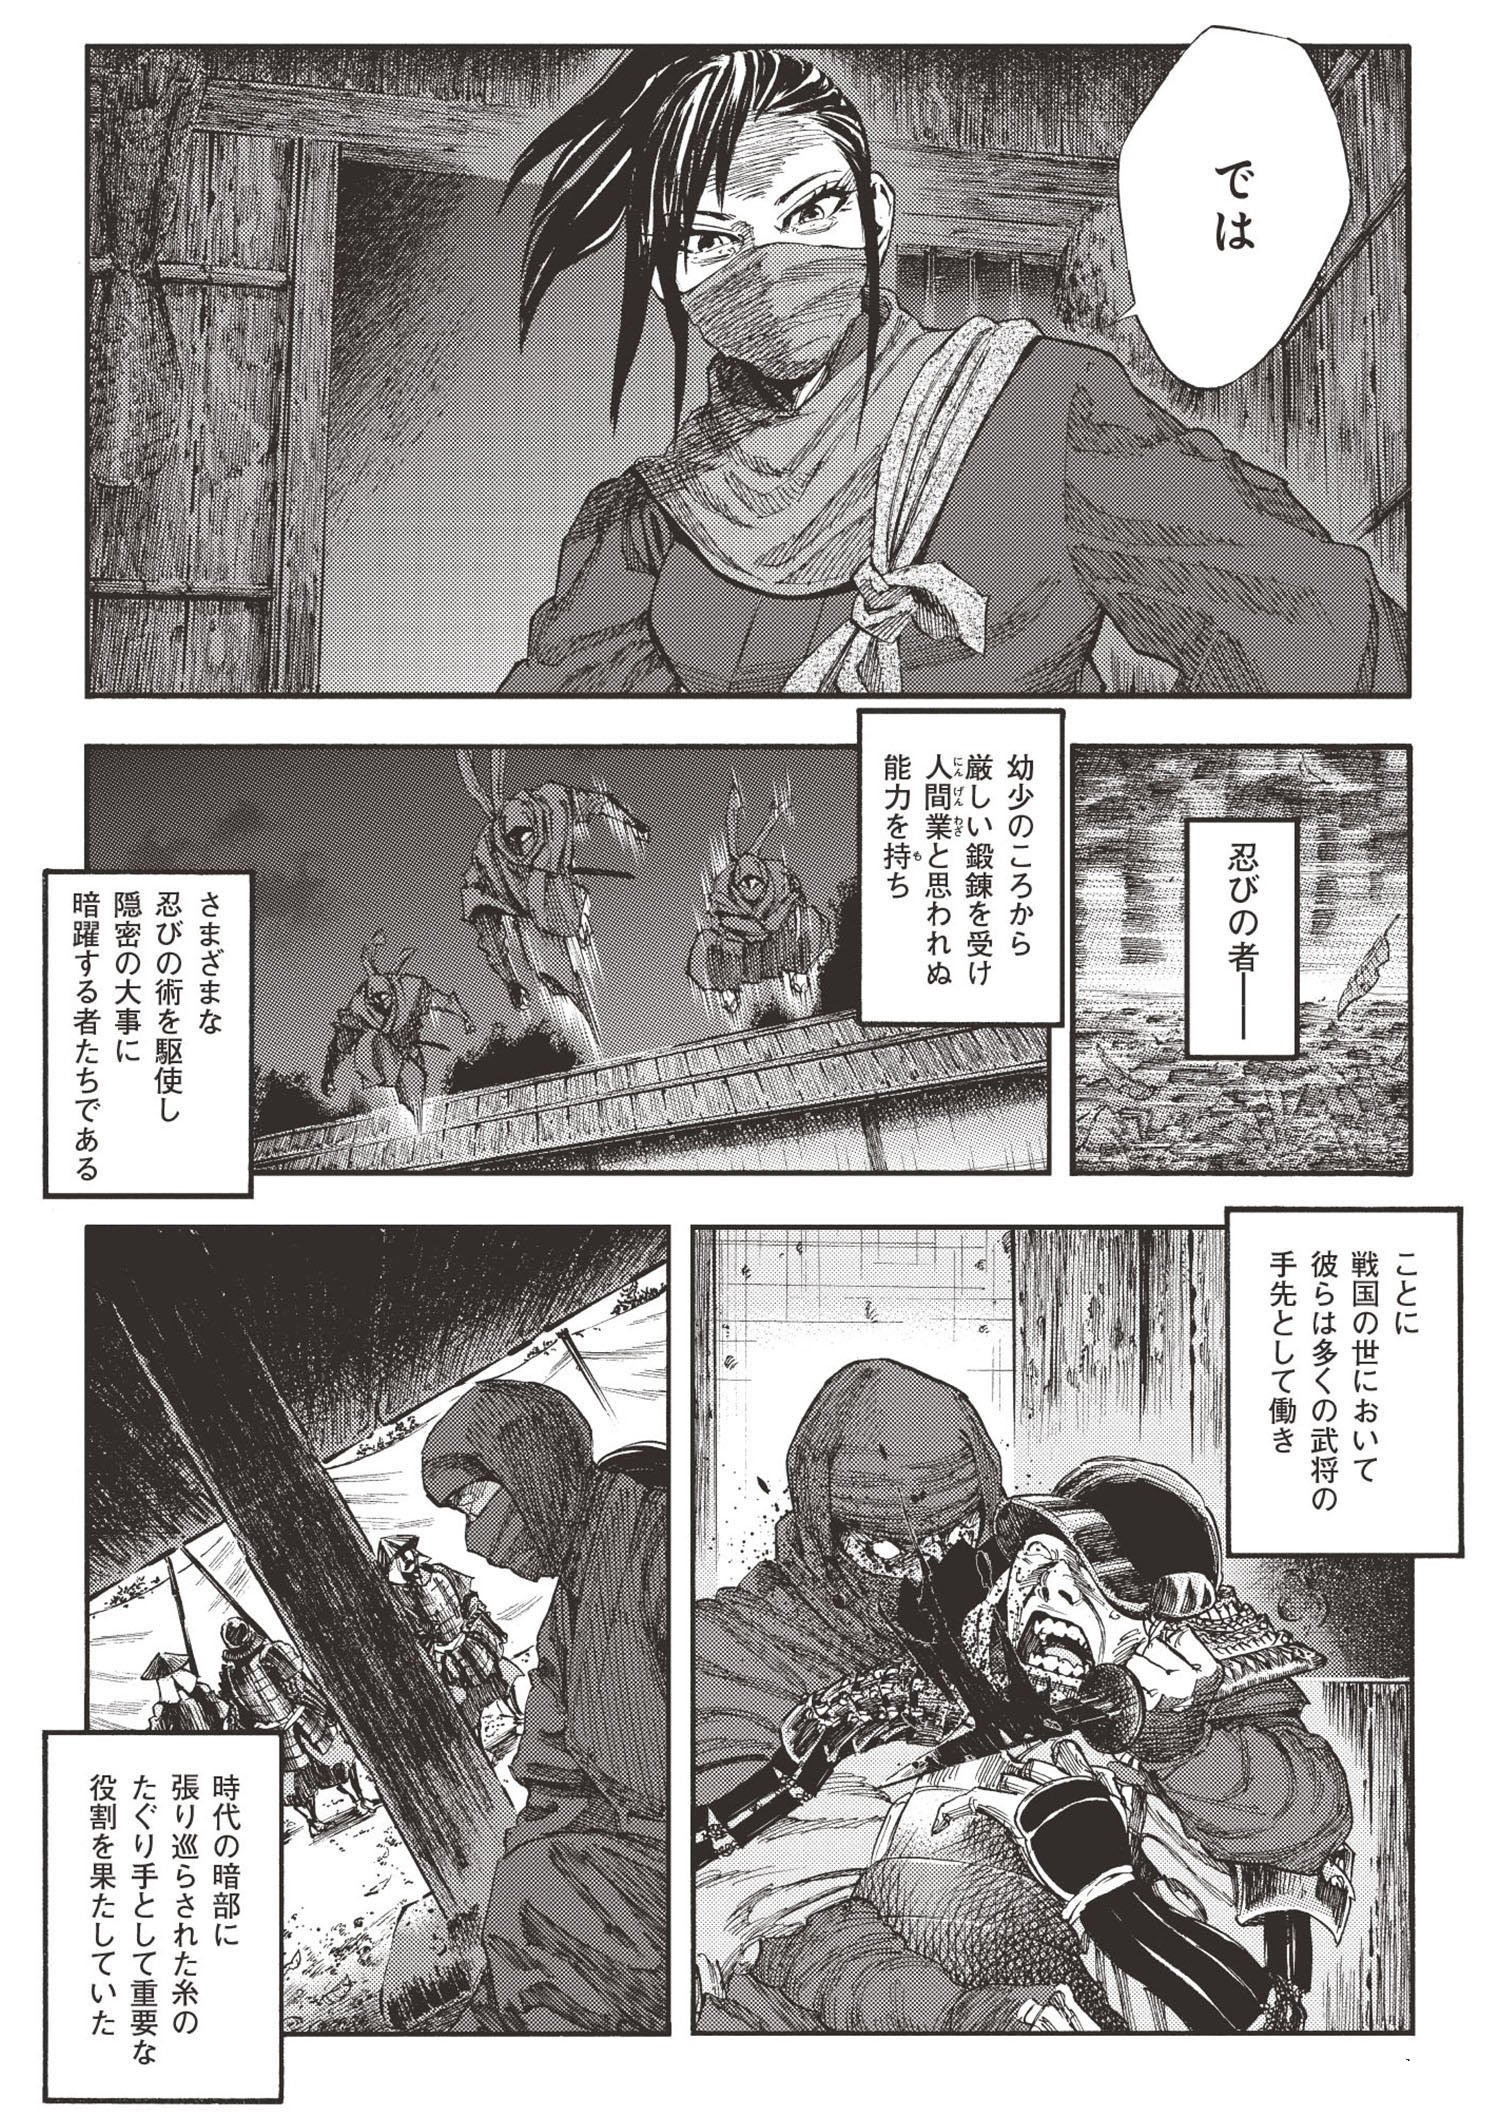 真田太平記 第0話「日本一の兵」①sanada01_014.jpg